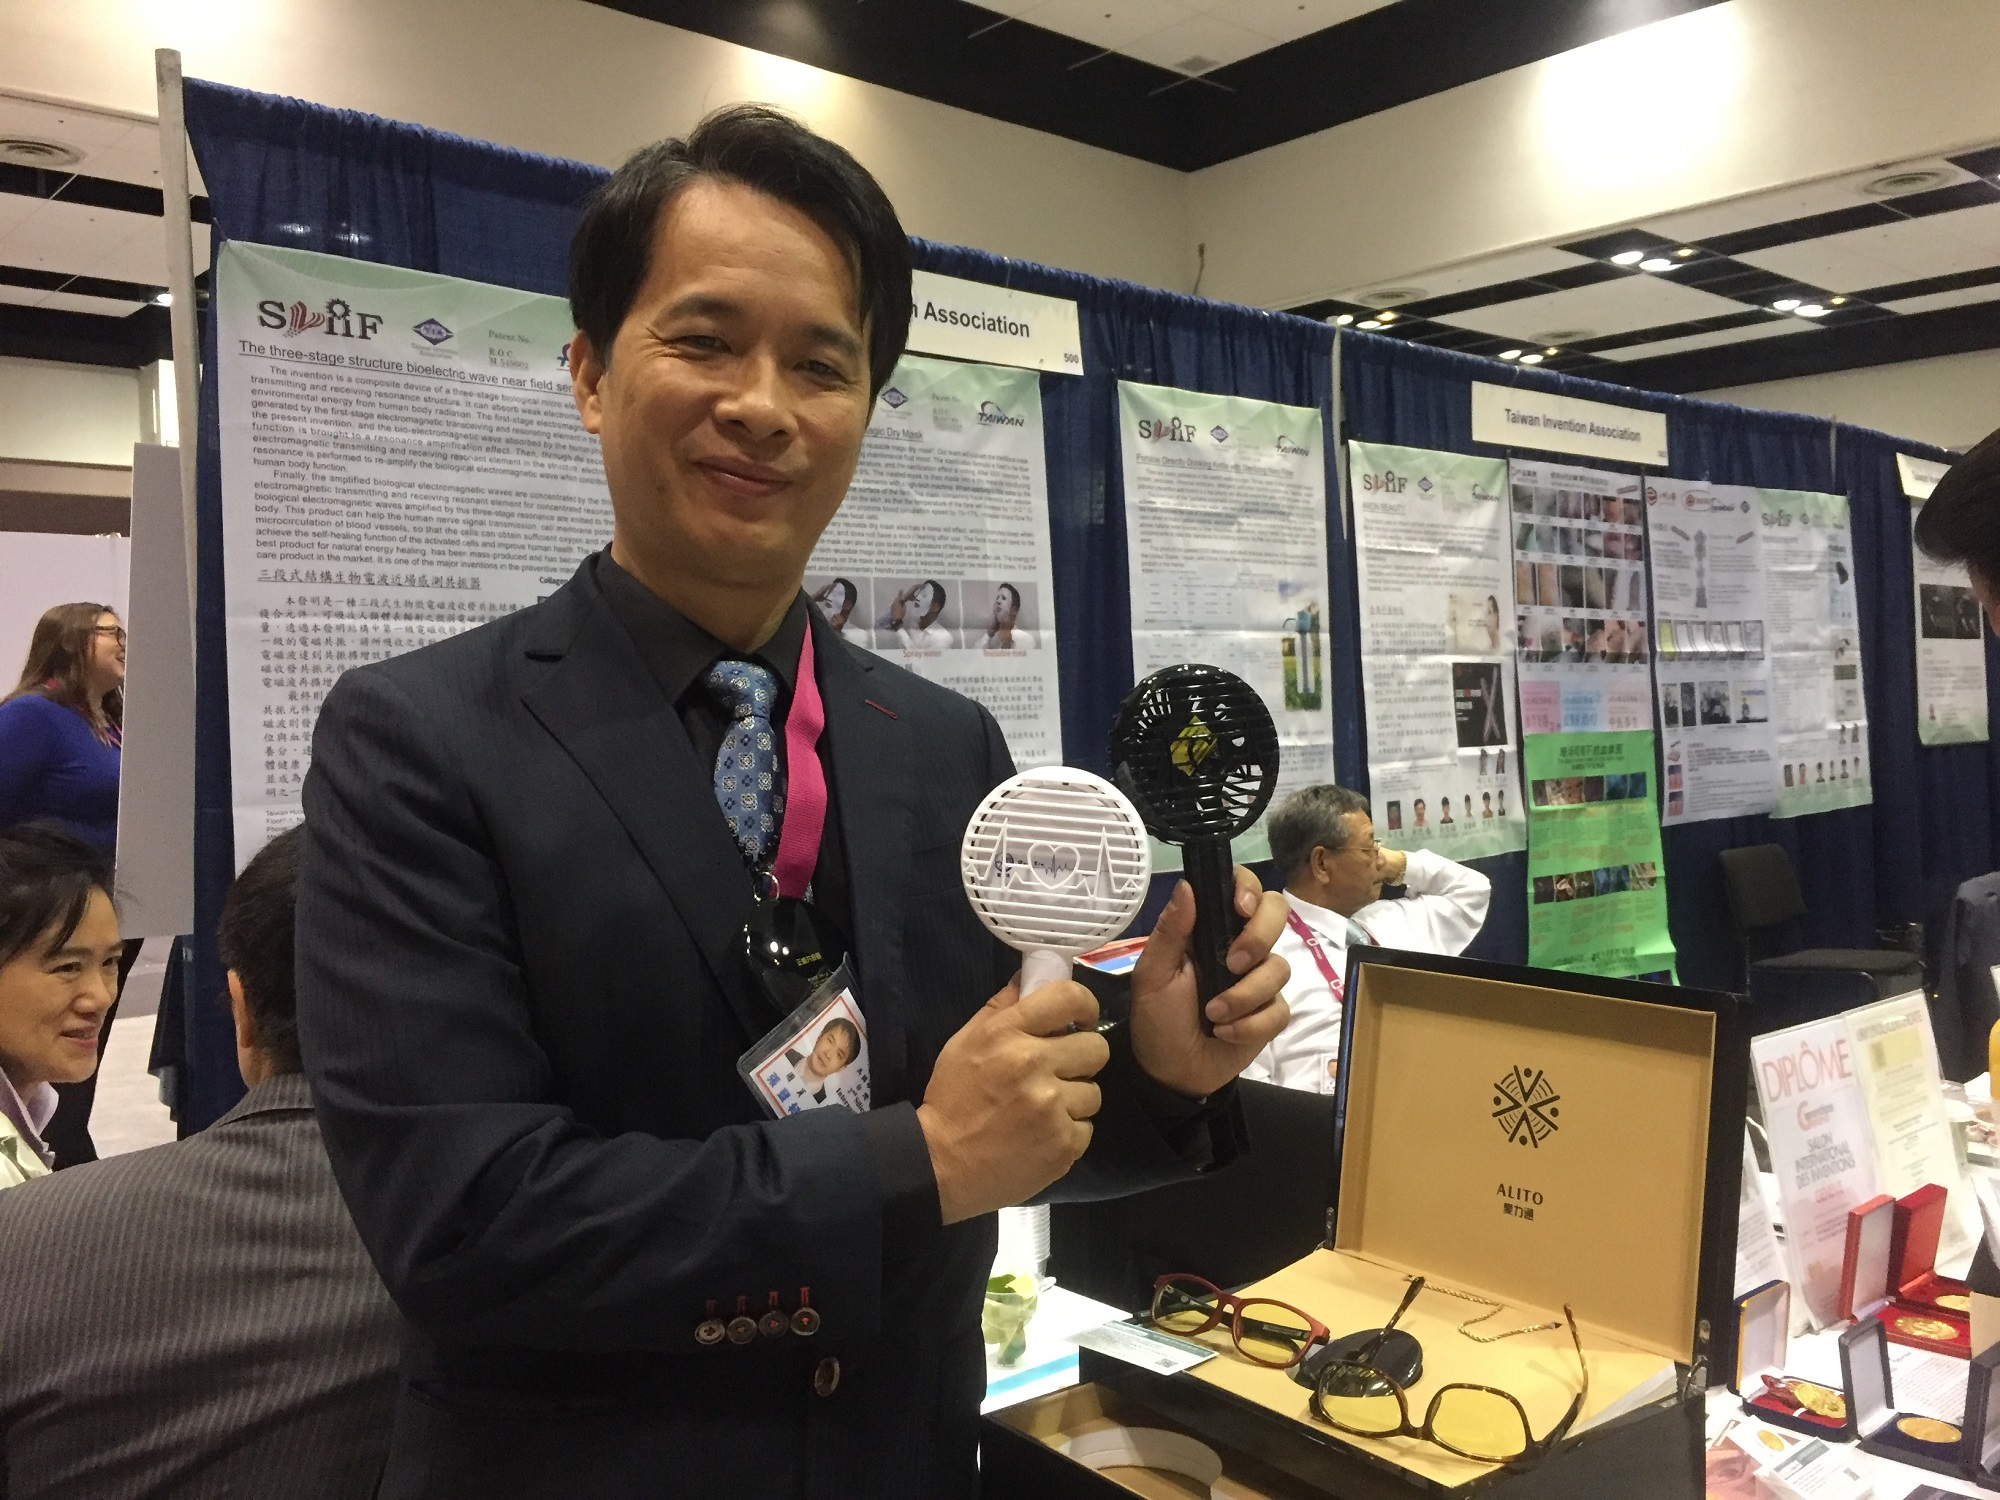 第二屆硅谷國際發明展 聖塔克拉拉會議中心舉行 | 大紀元